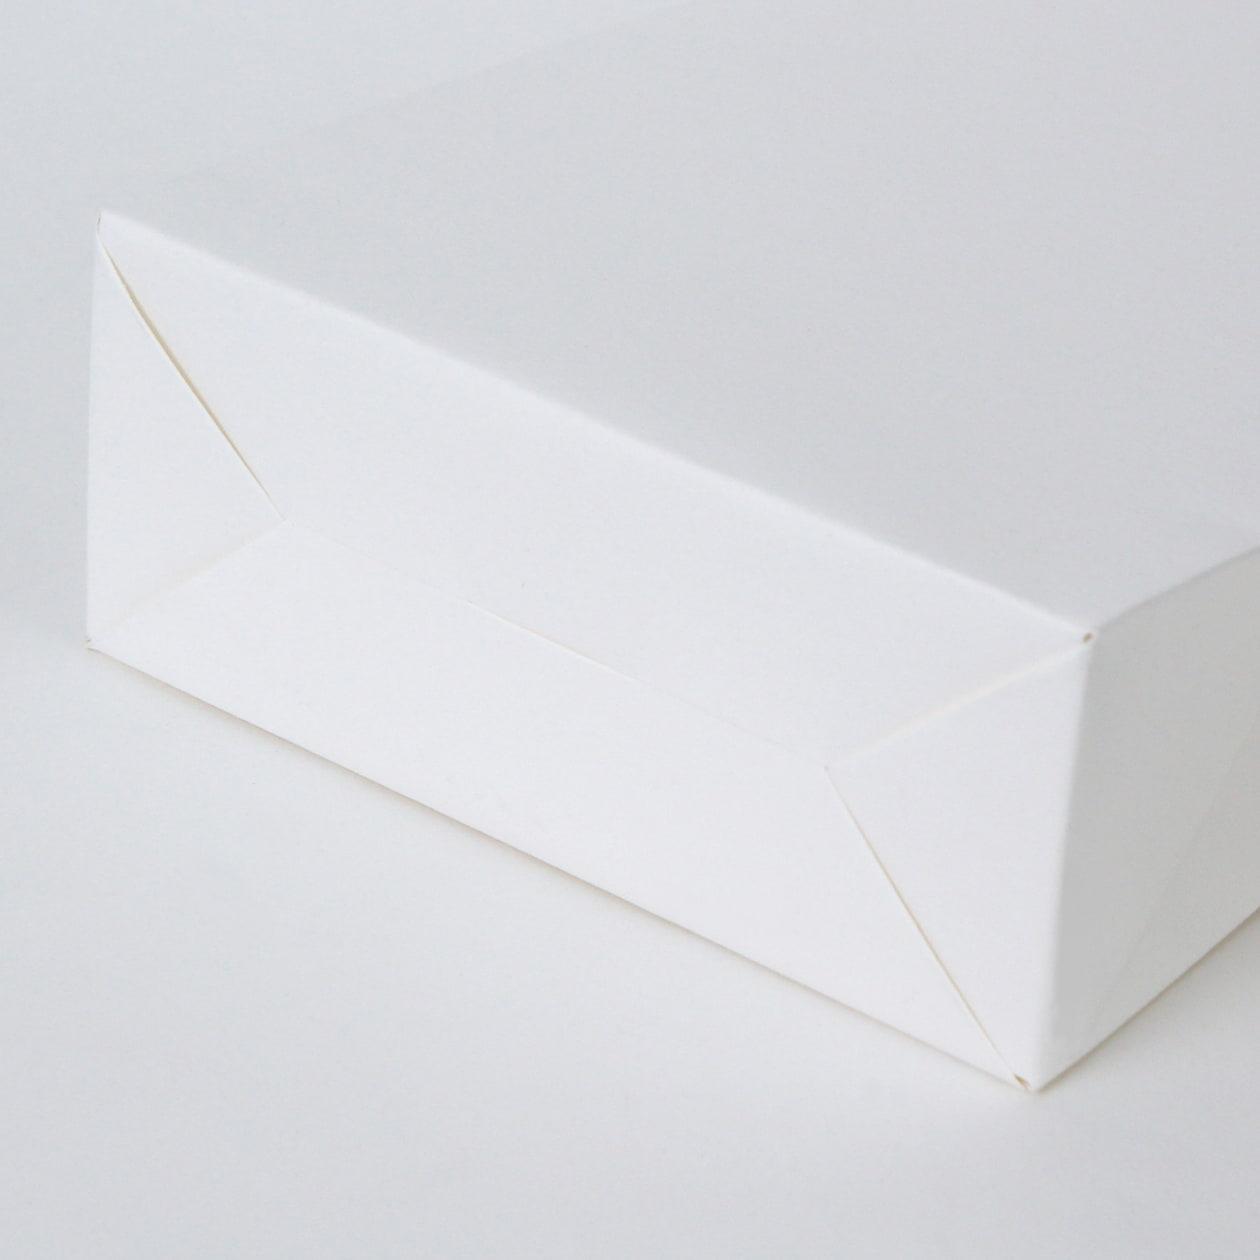 角底箱ロック式120×180×50 コットン スノーホワイト 232.8g